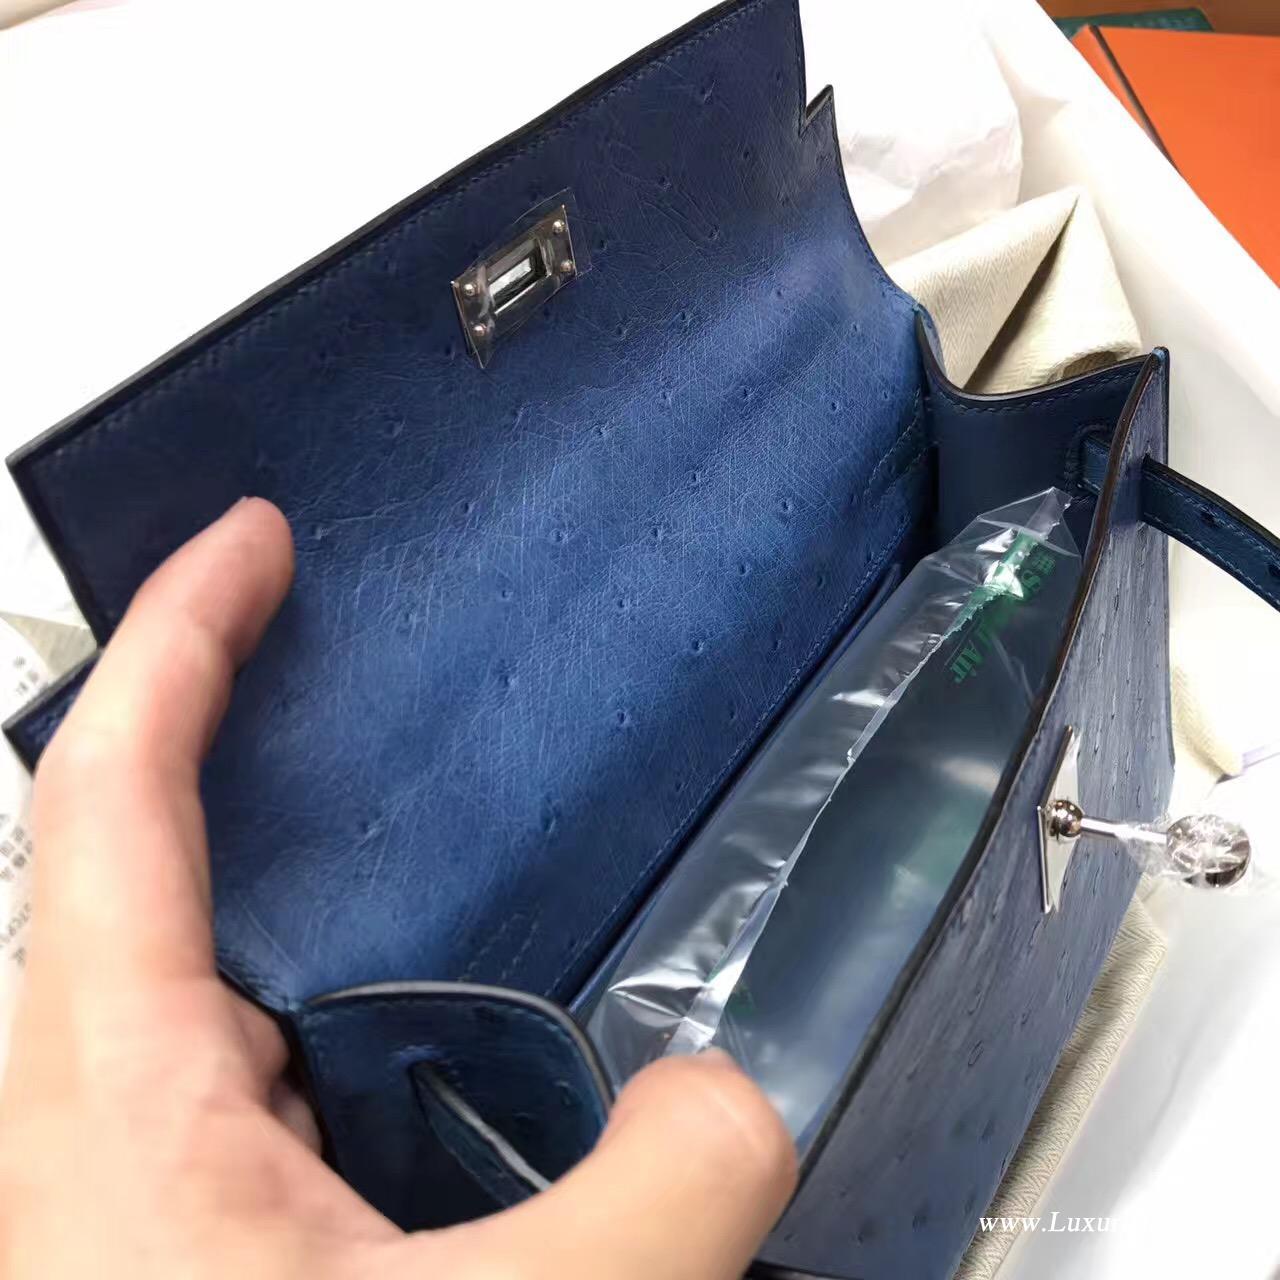 愛馬仕迷妳凱莉包 Hermes Mini Kelly Pochette 鸵鸟7C Cobalt珊瑚蓝银色金属